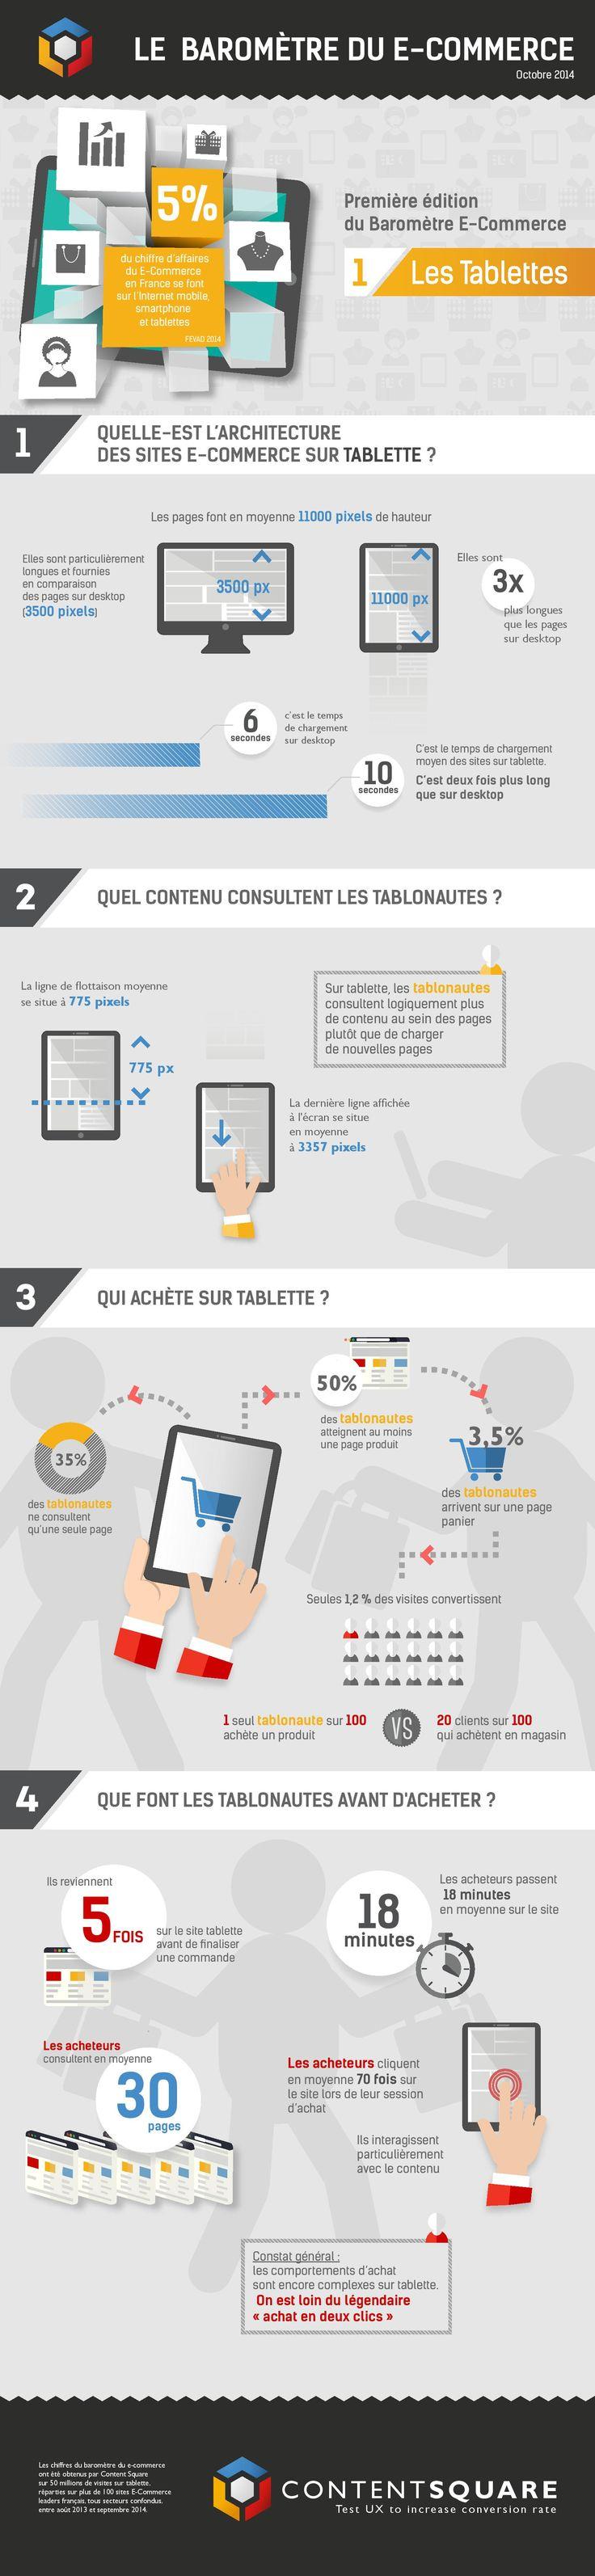 infographie : Baromètre #ecommerce sur tablette / octobre201